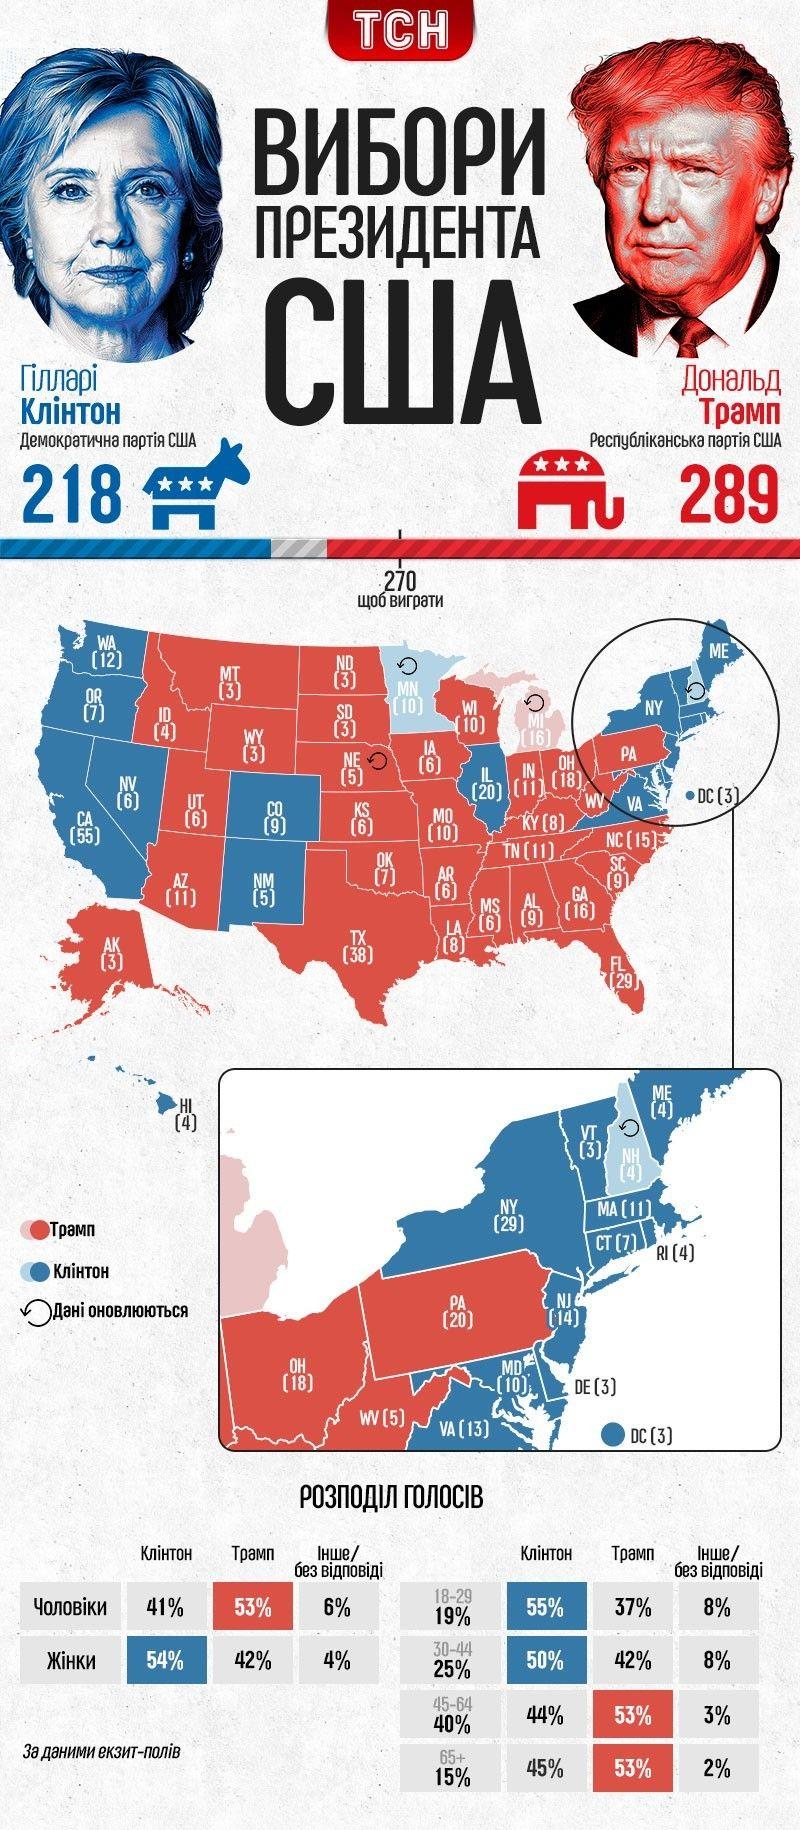 результати виборів у США, інфографіка, станом на 17:00